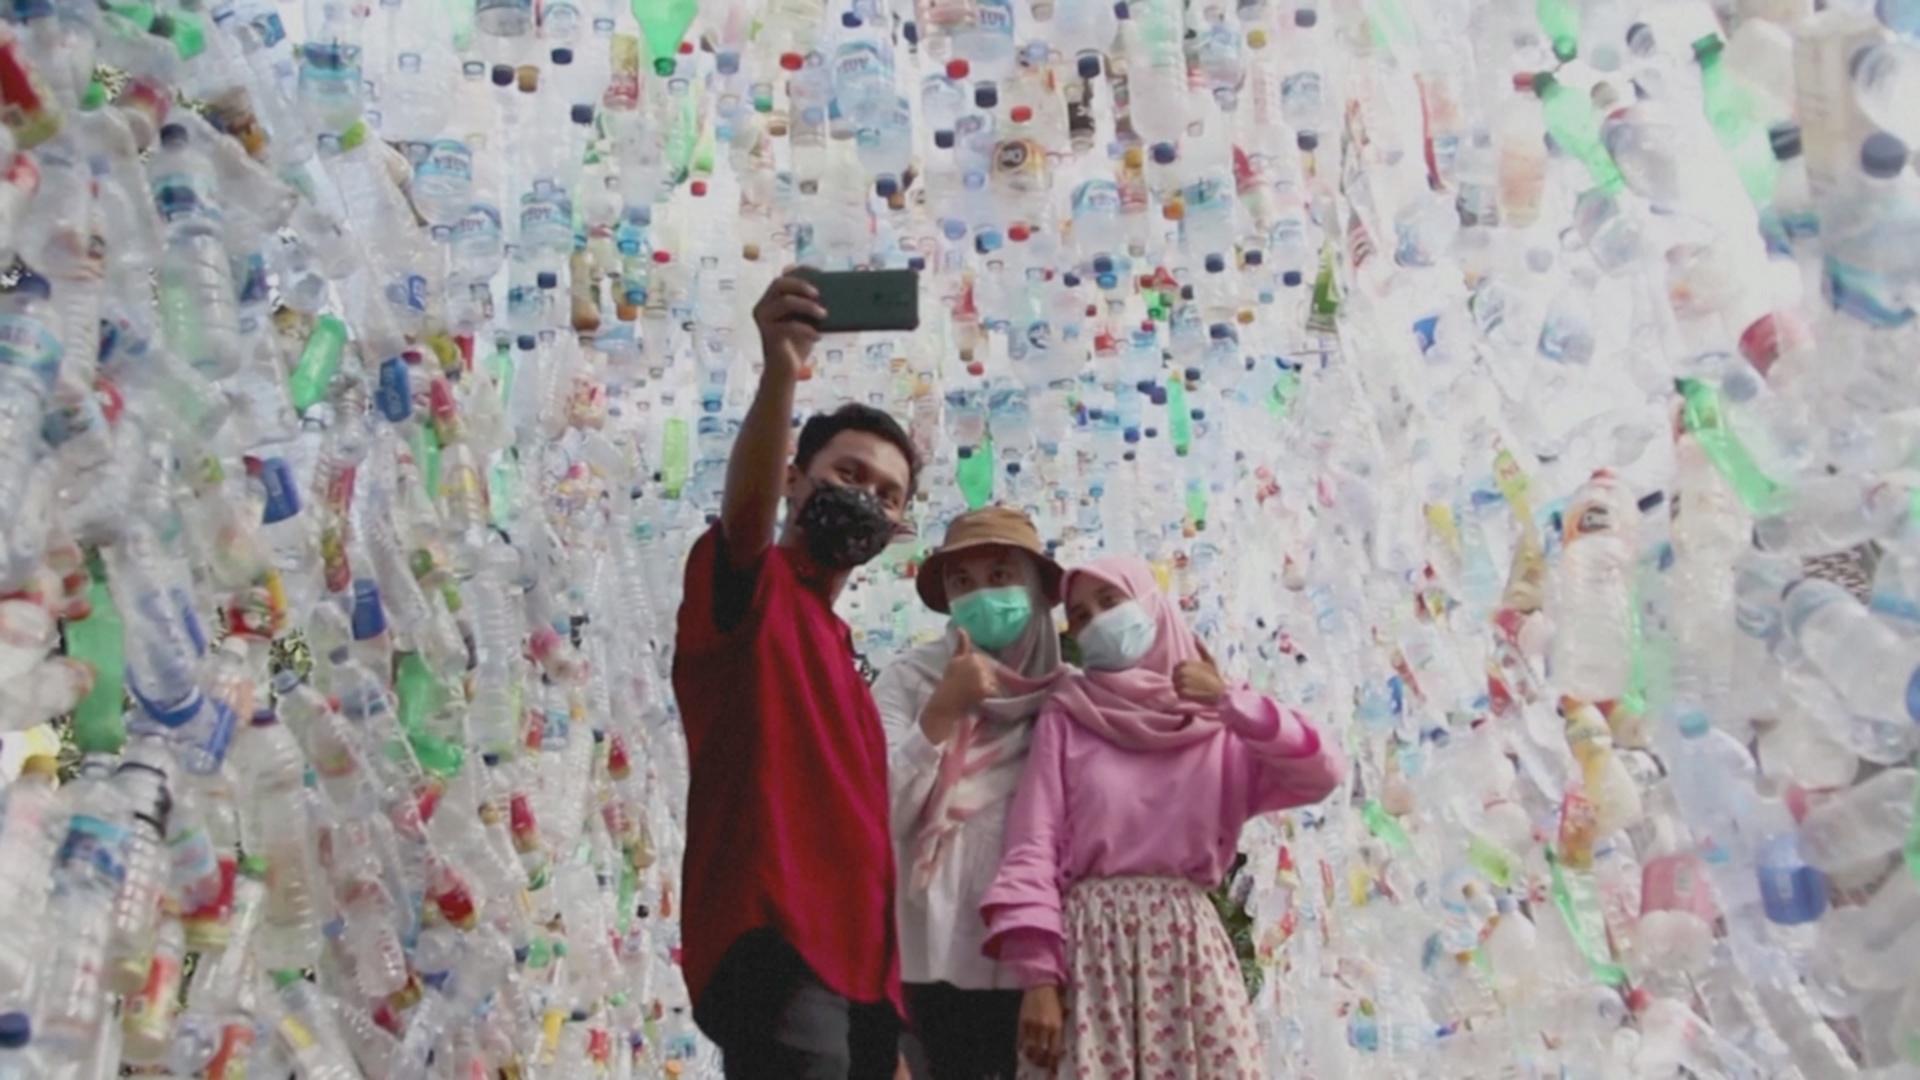 Музей пластиковых отходов создали в Индонезии